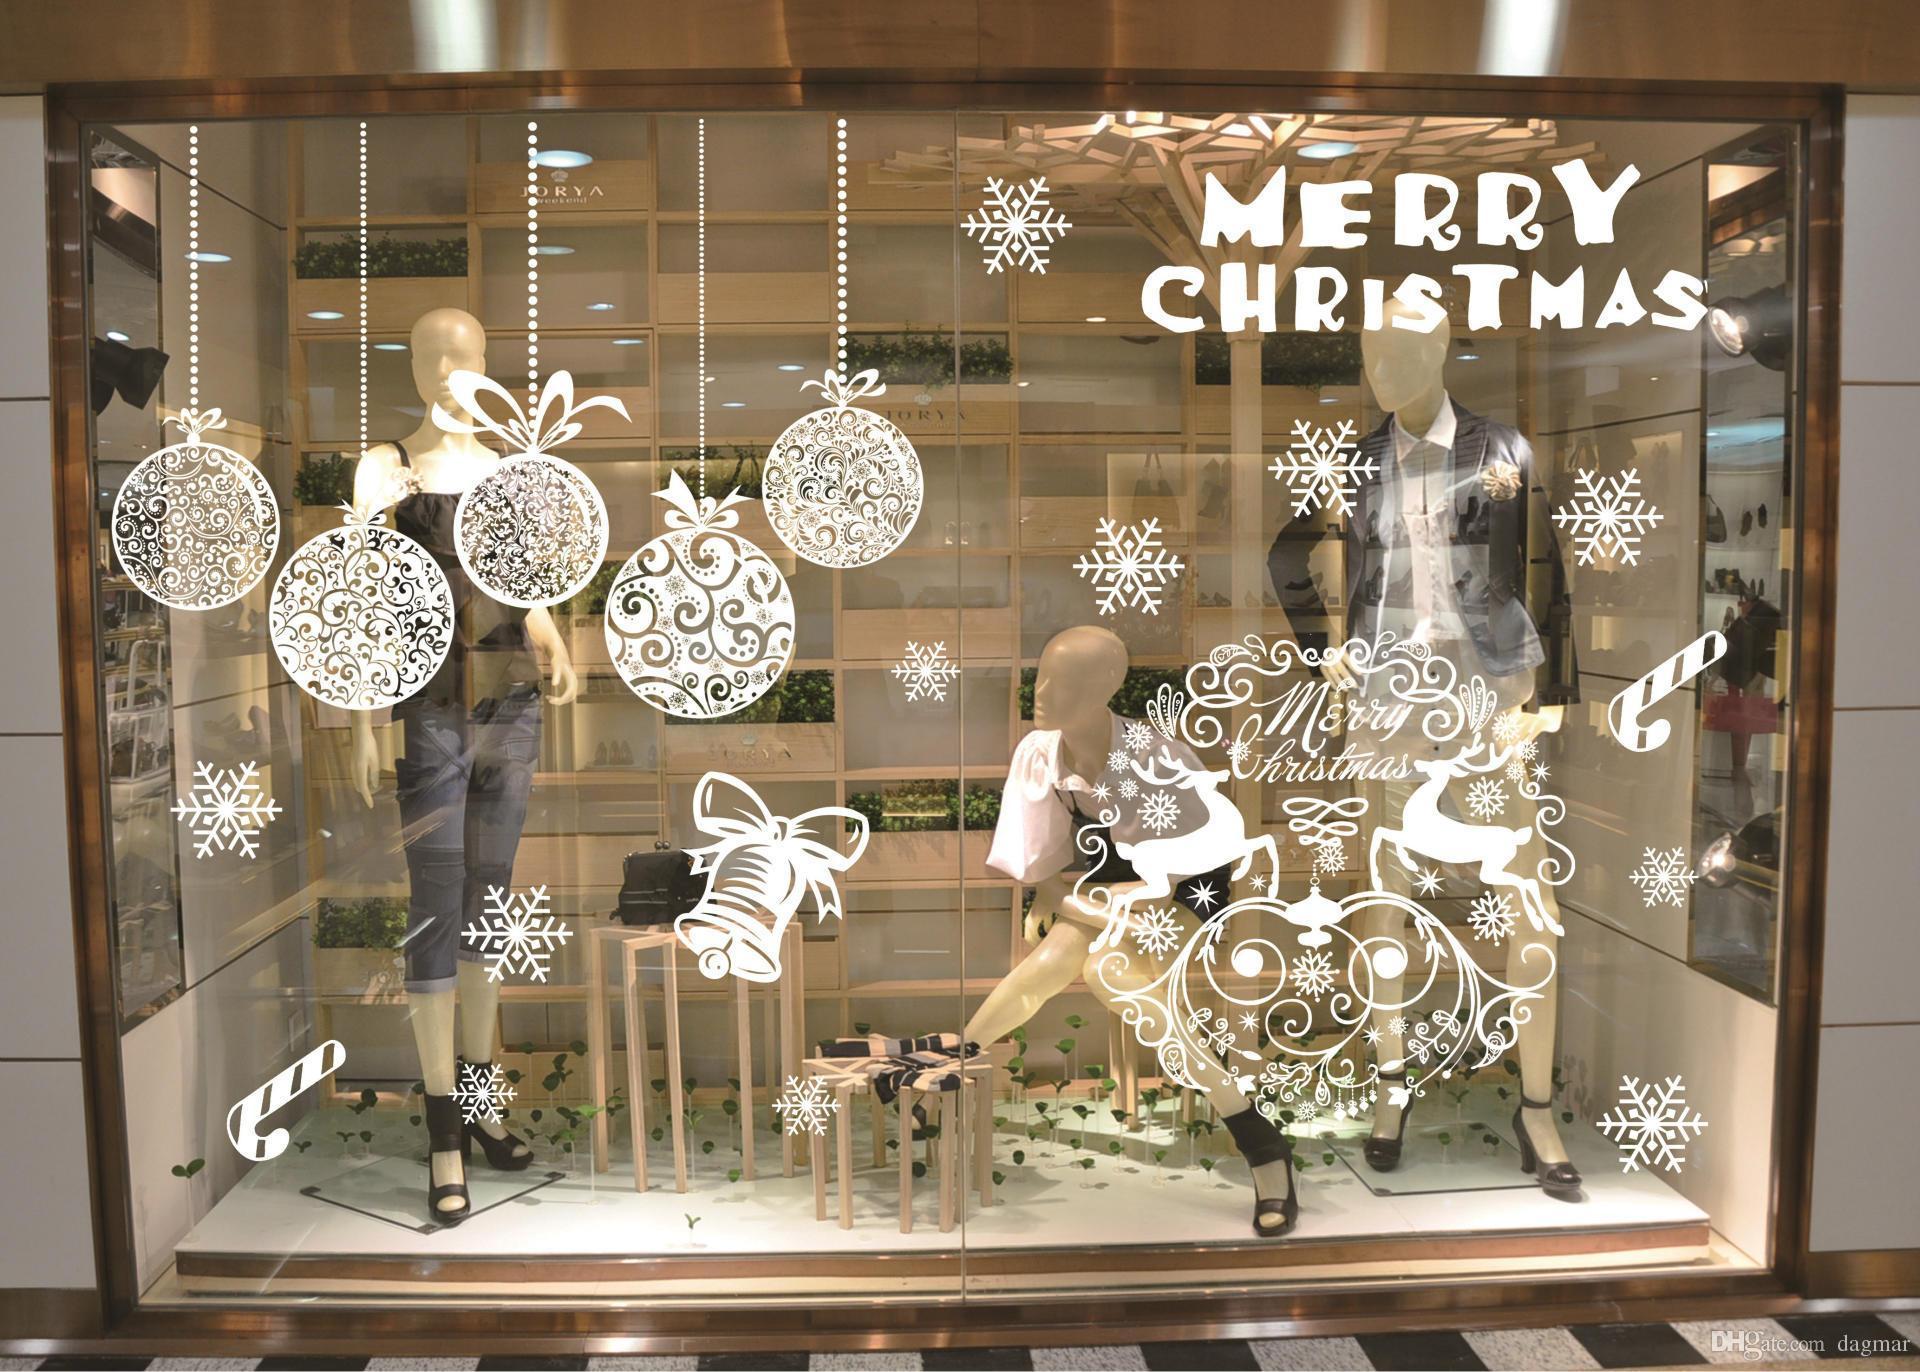 Werden die Tage kürzer, kommt die Zeit für Dekoration. Finden Sie im Artikel tolle Idee für weihnachtliche Fensterdeko hängend ans Fenster!